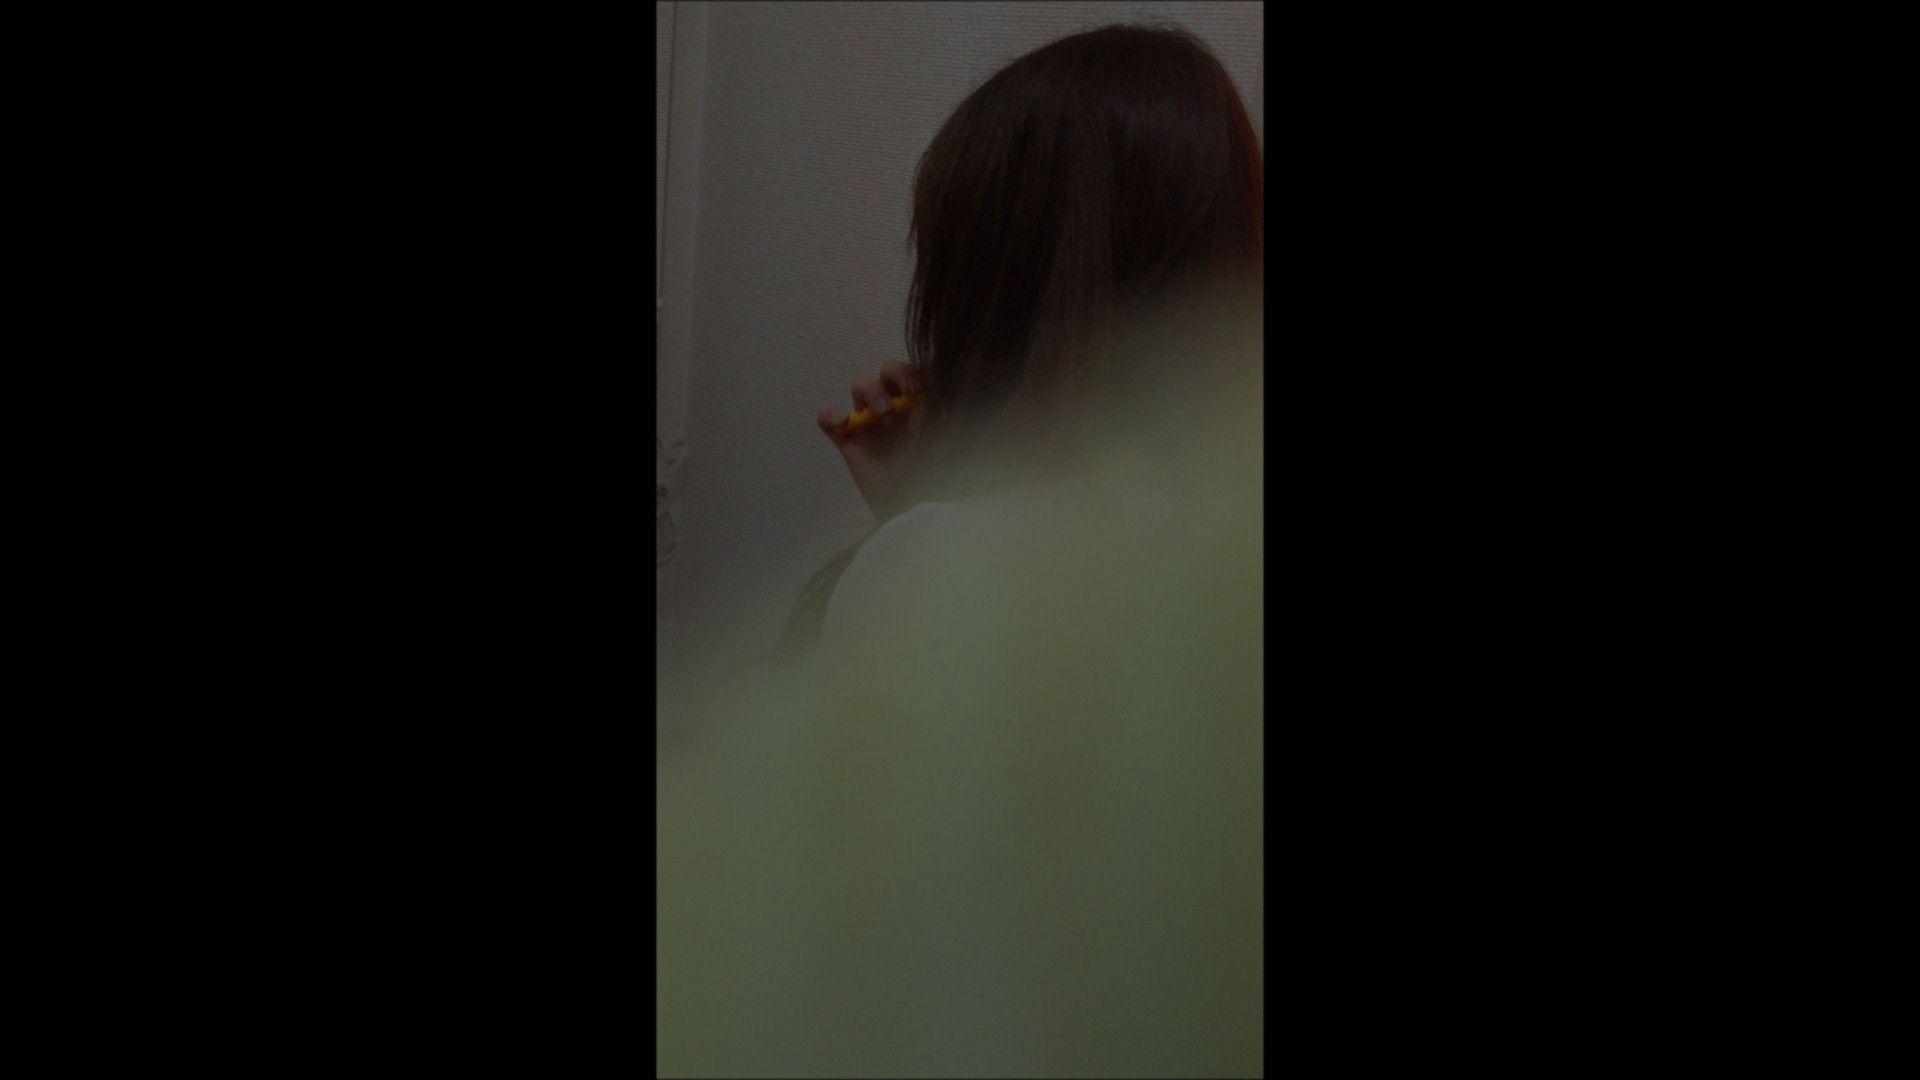 08(8日目)メイク中の彼女の顔を撮りました! いやらしいOL | いやらしい熟女  51連発 37